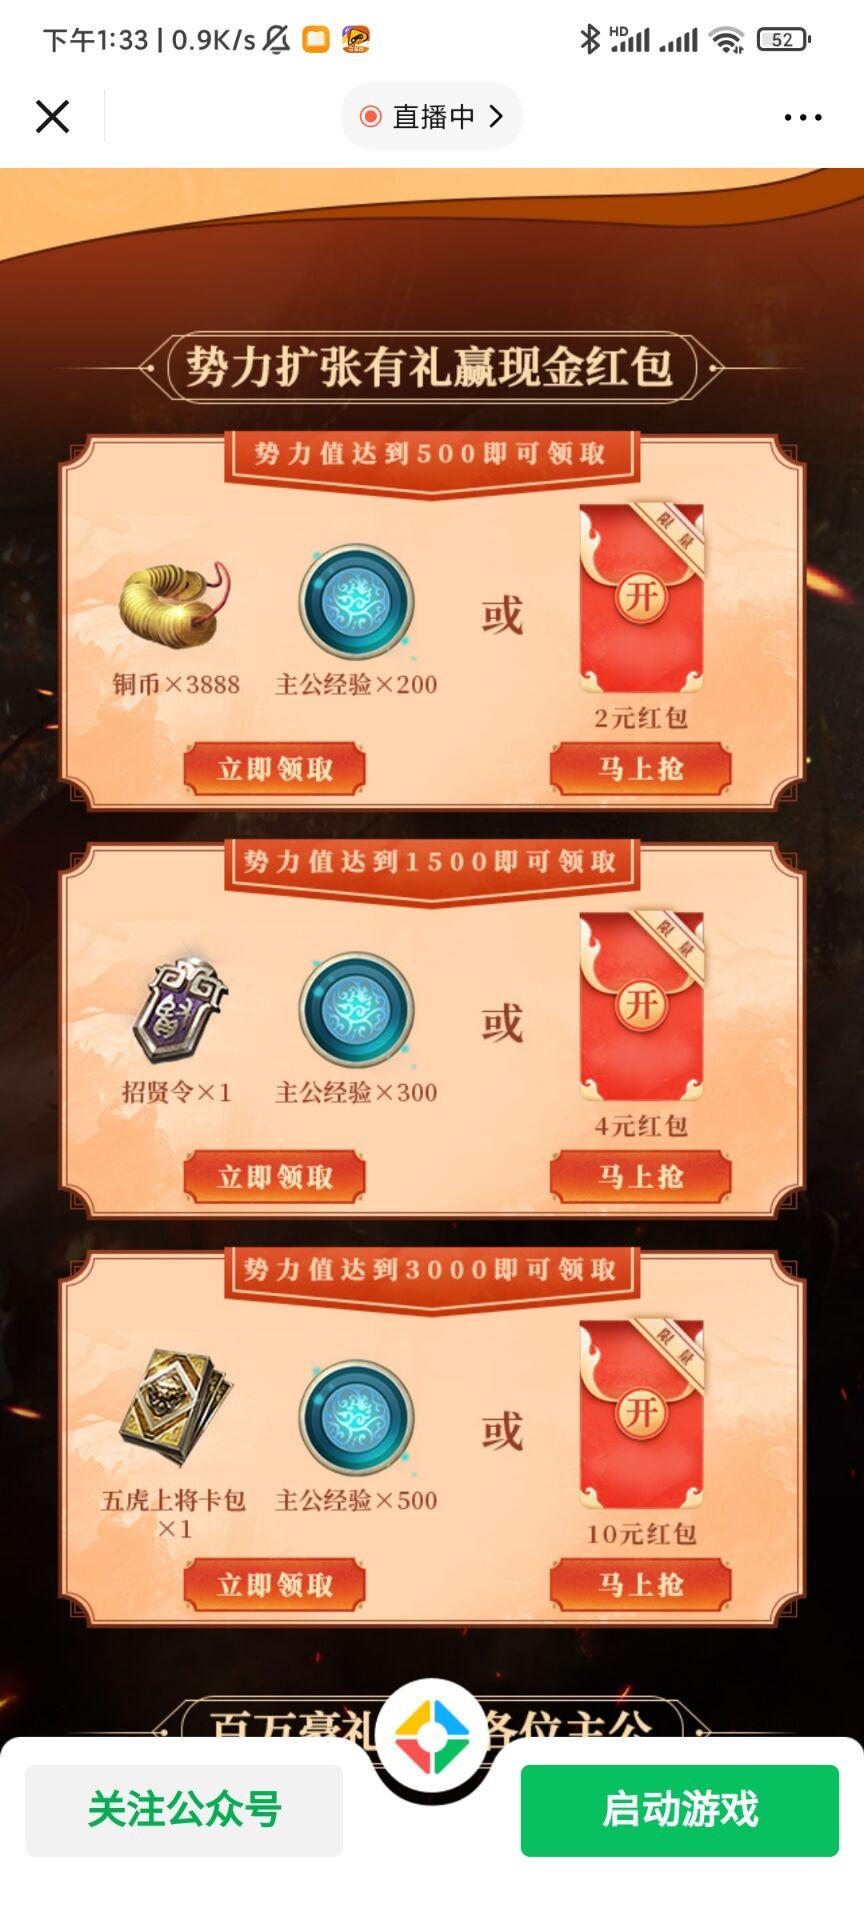 【现金红包】荣耀新三国微信注册红包(需要游戏等级)插图2